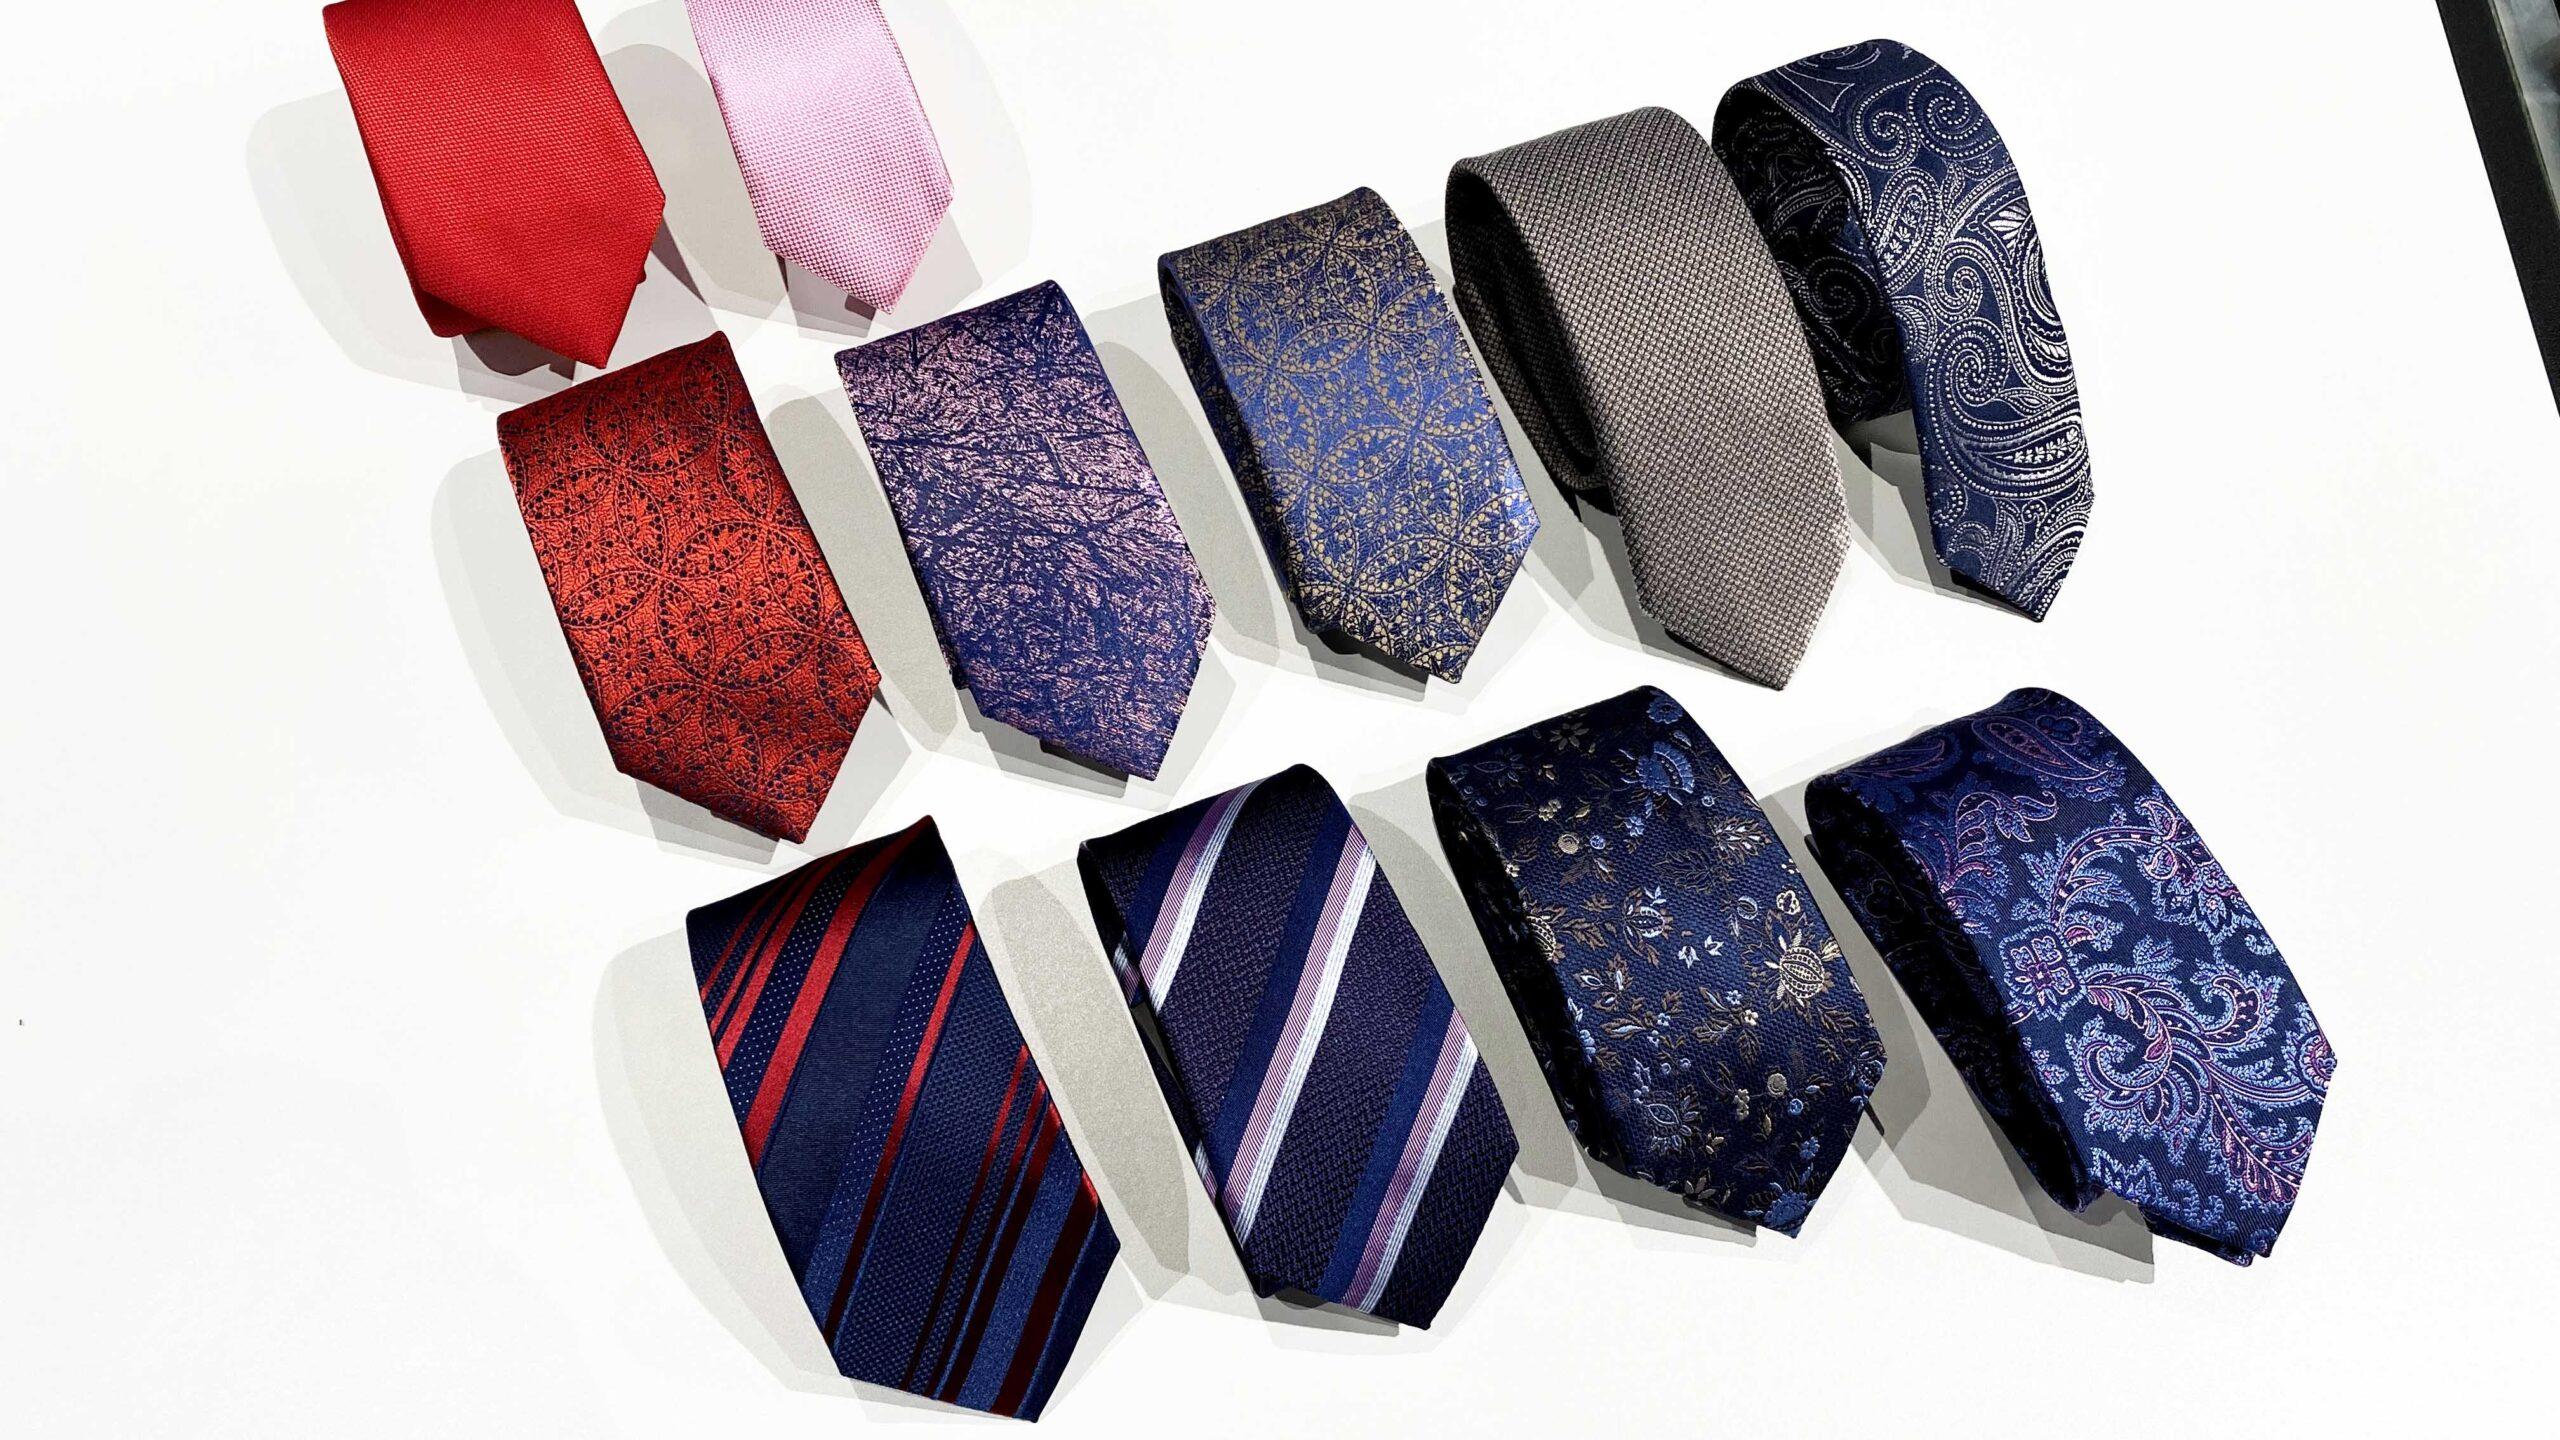 Hogyan válassz nyakkendőt?